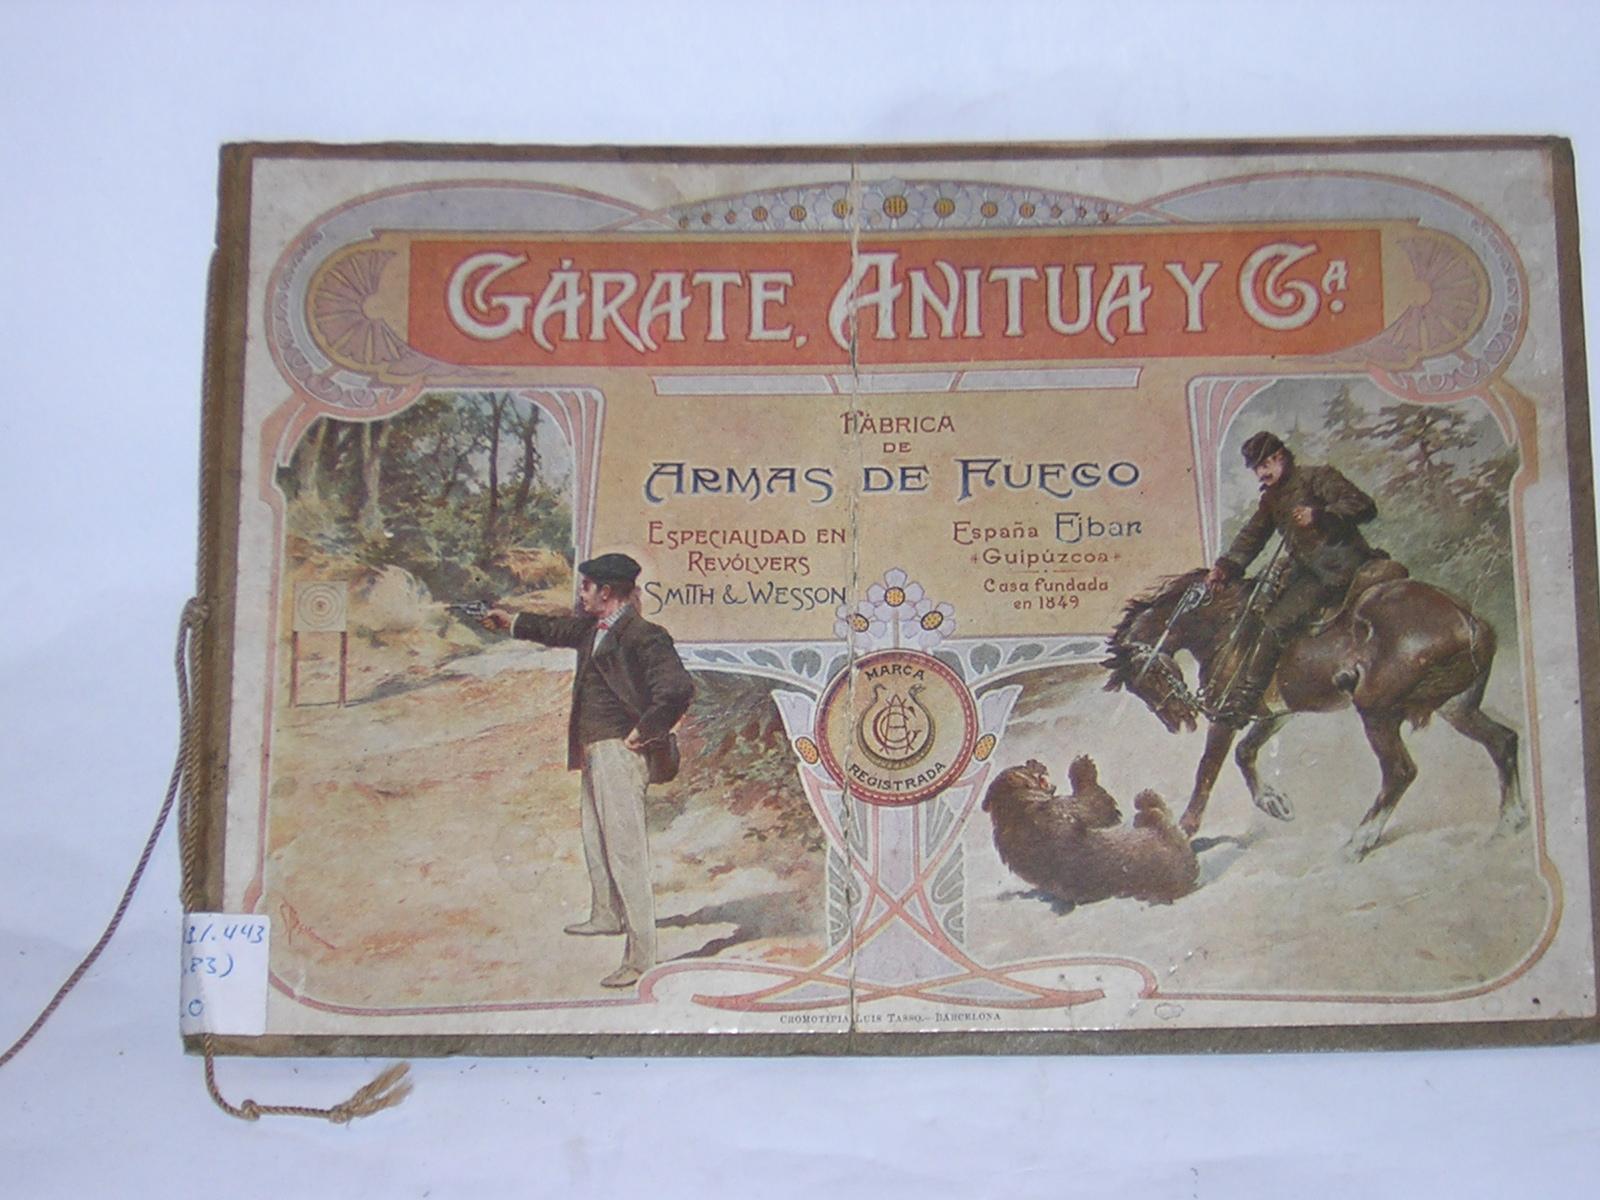 CATÁLOGO DE GARATE, ANITUA Y CIA